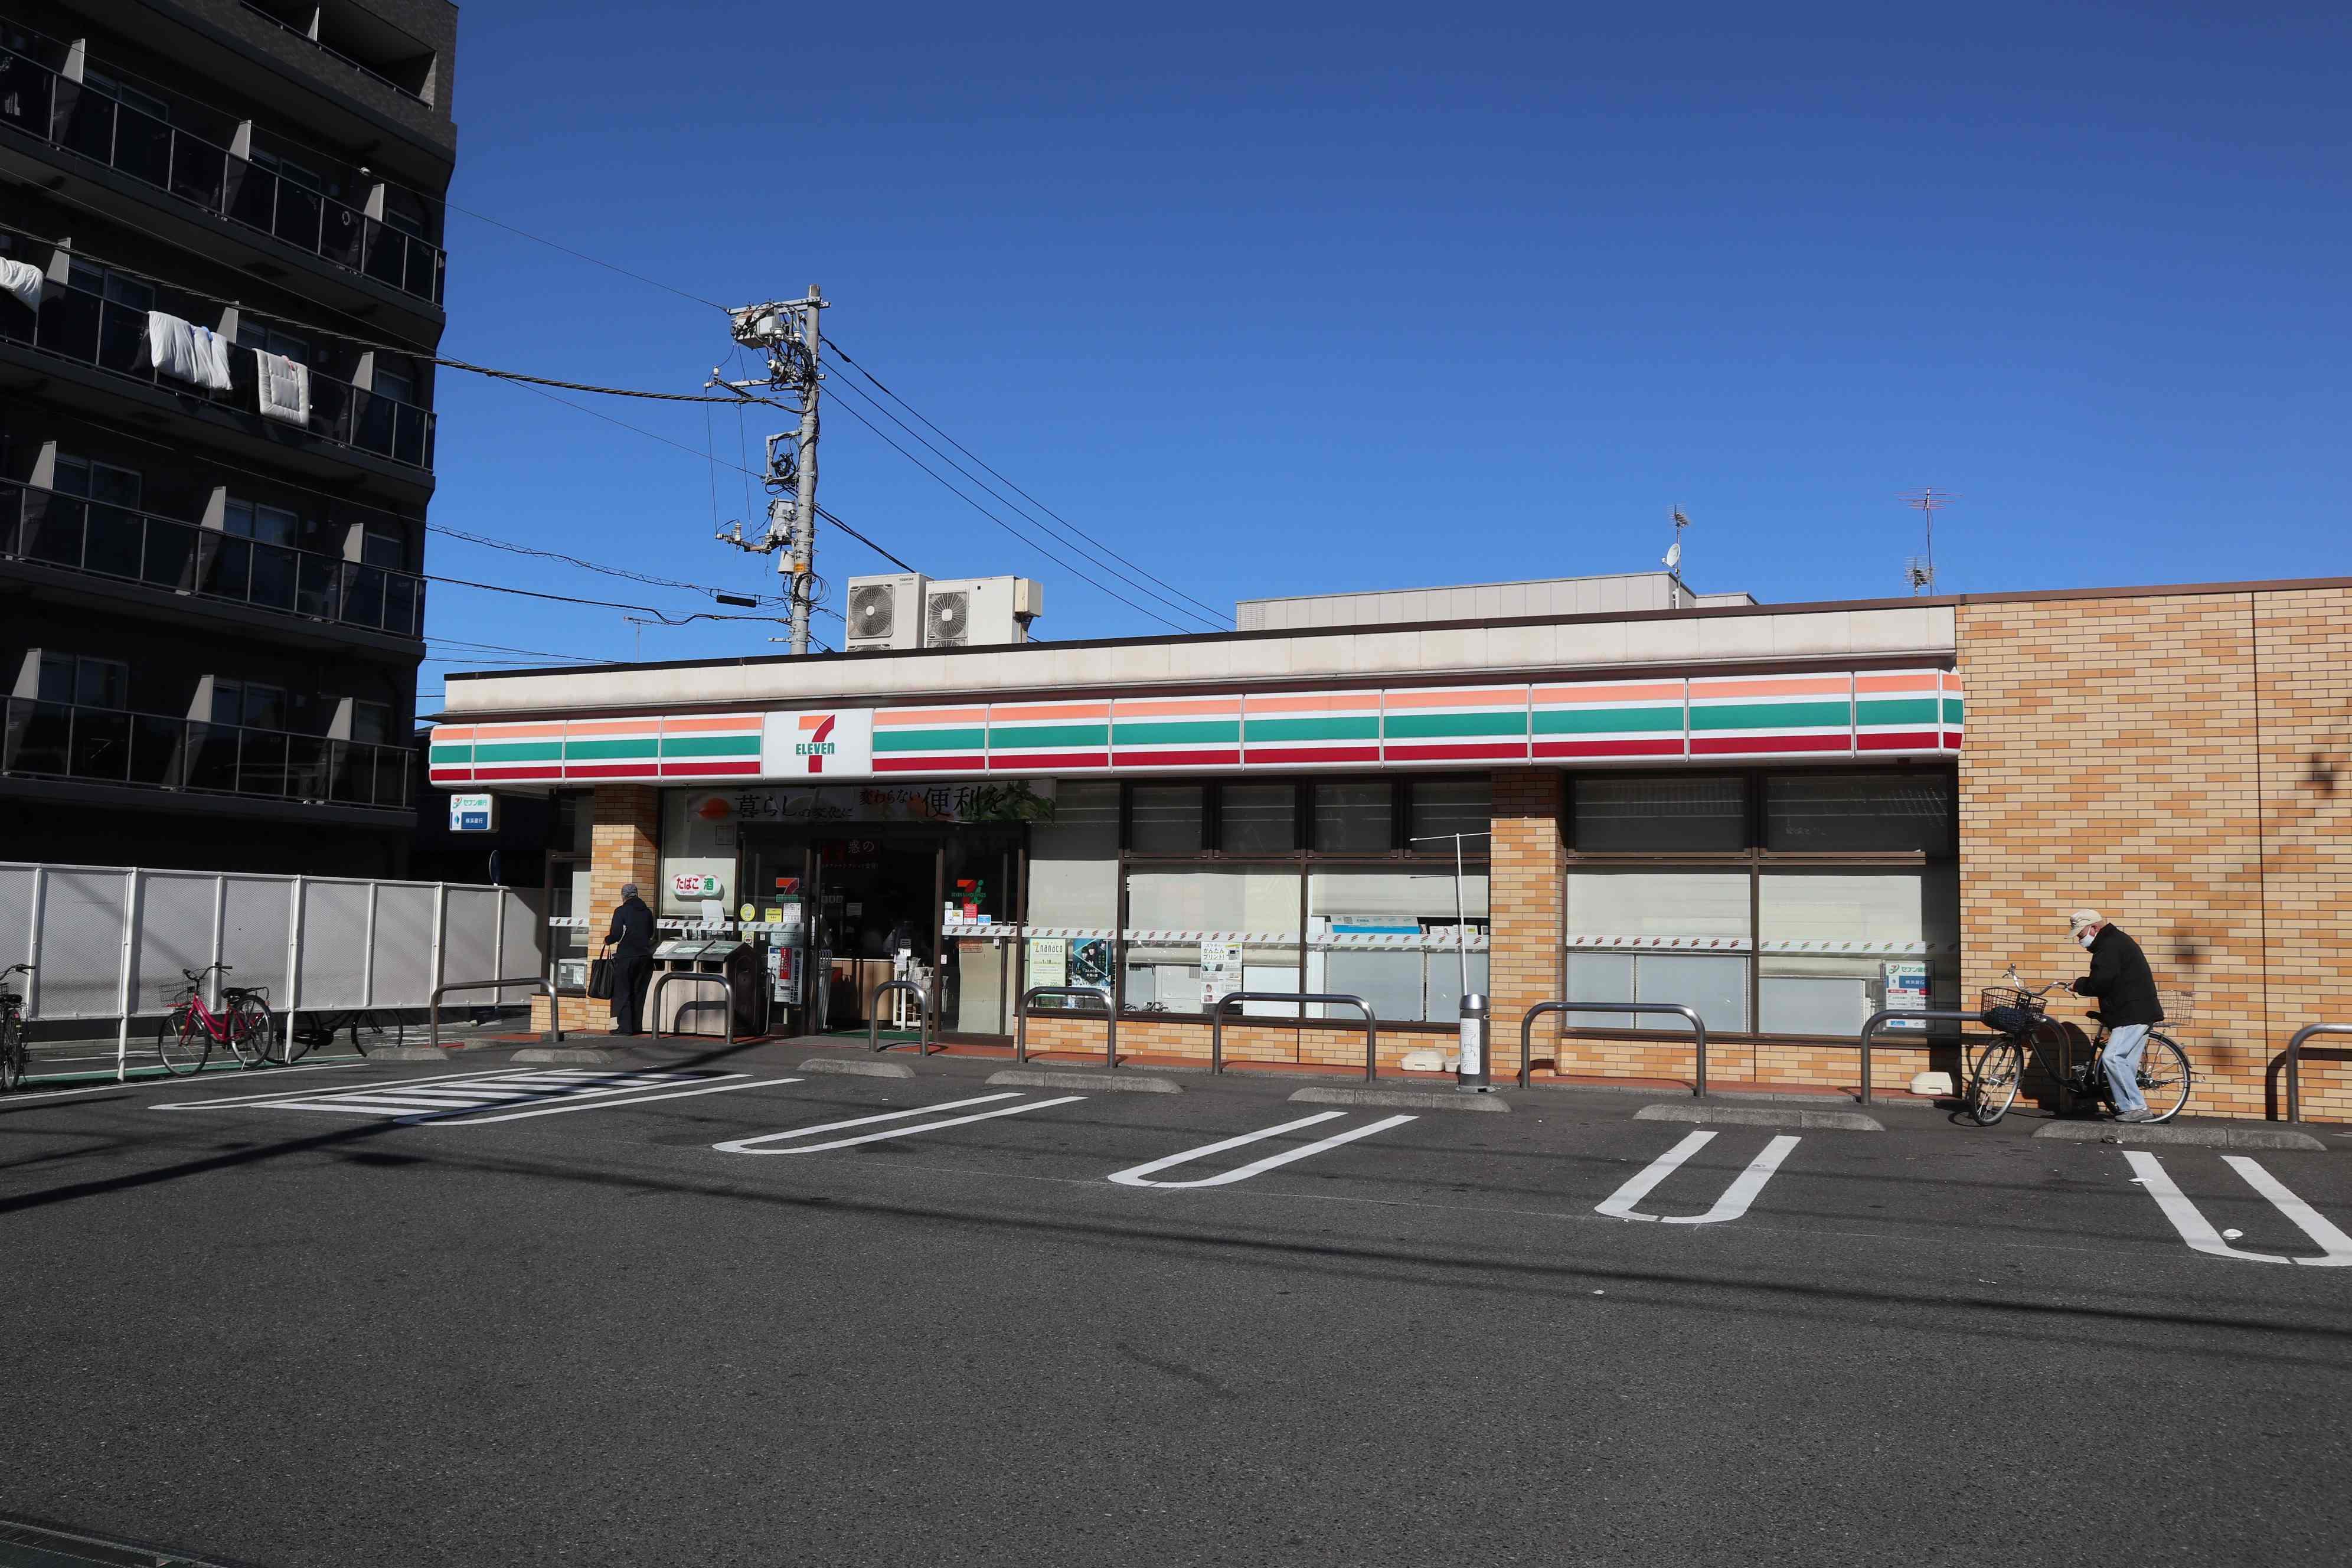 セブンイレブン川崎川中島2丁目店 徒歩約2分(約156m)